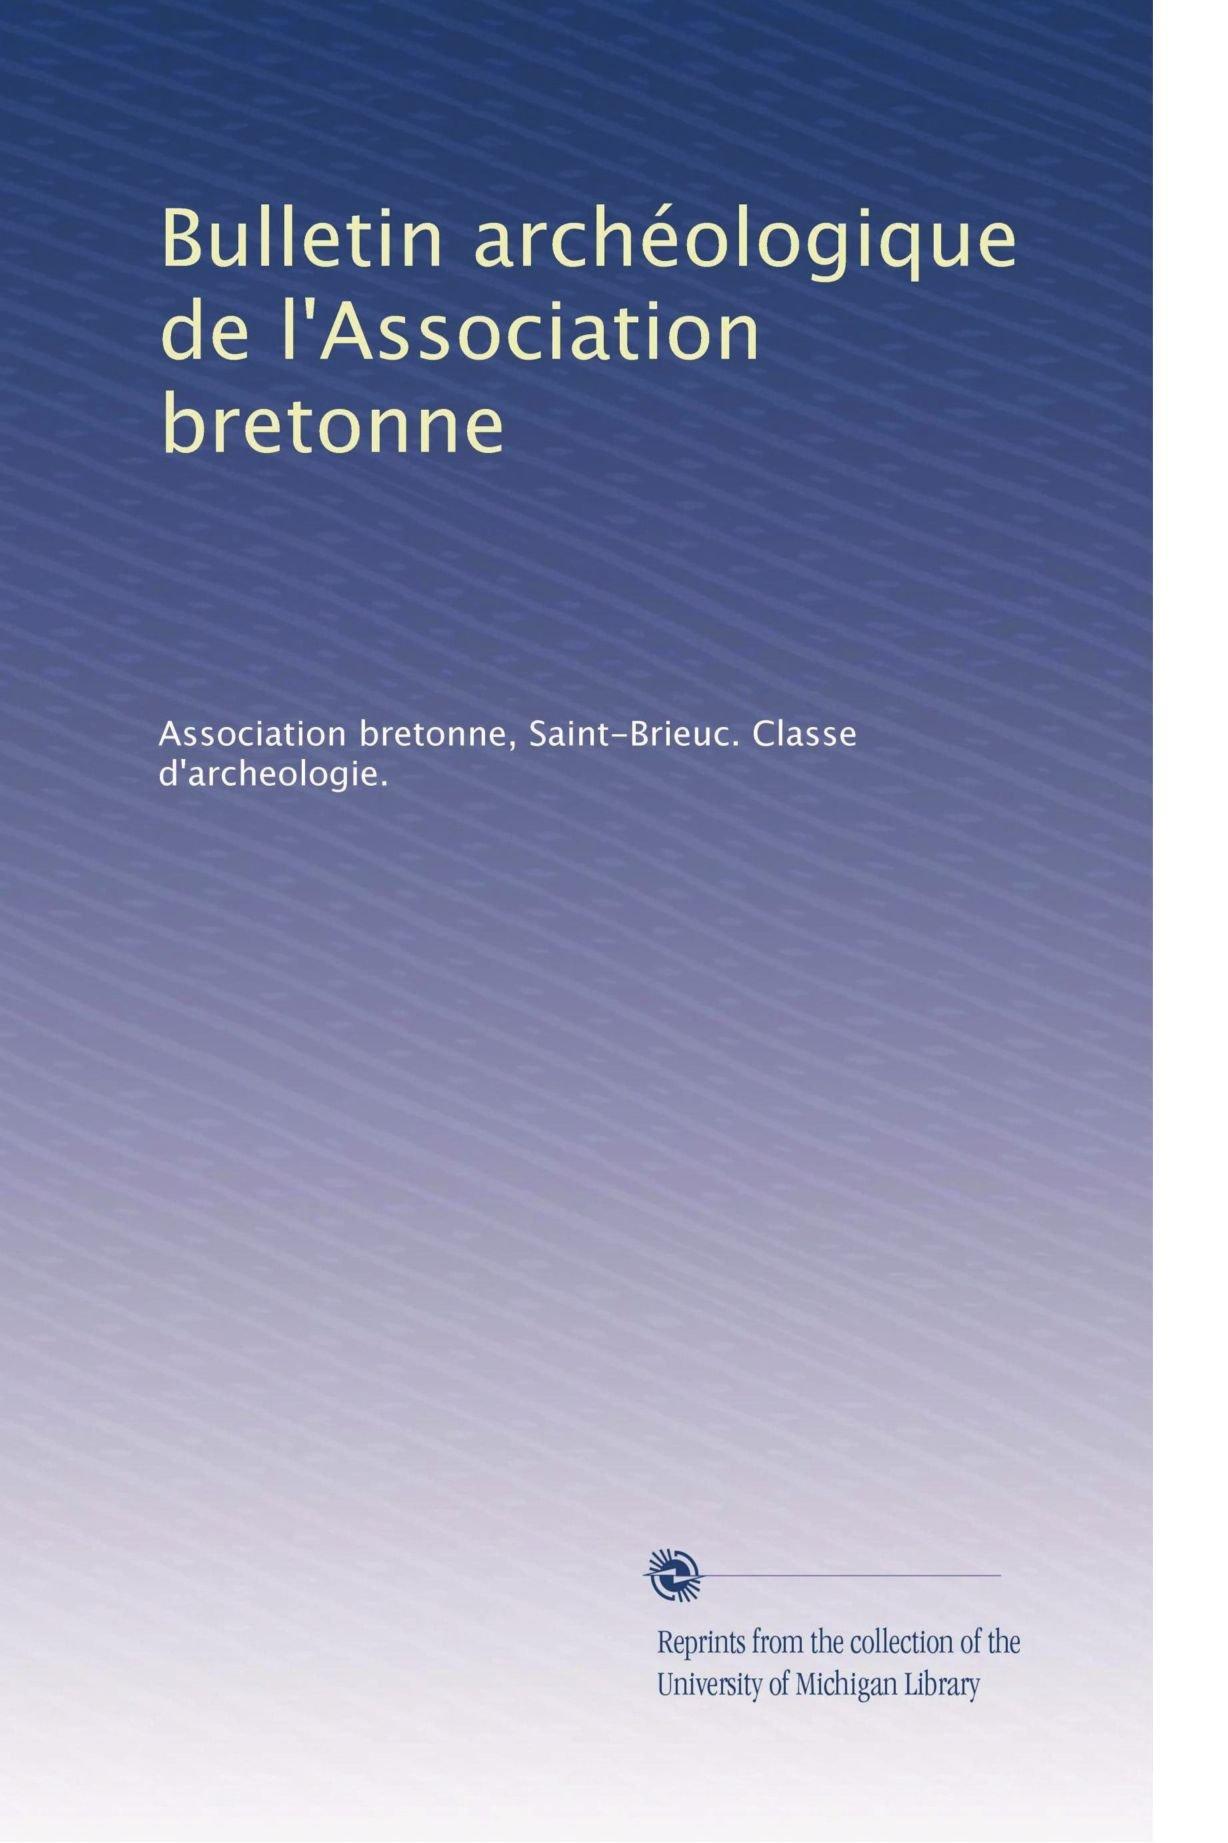 Bulletin archéologique de l'Association bretonne (Volume 7) (French Edition) pdf